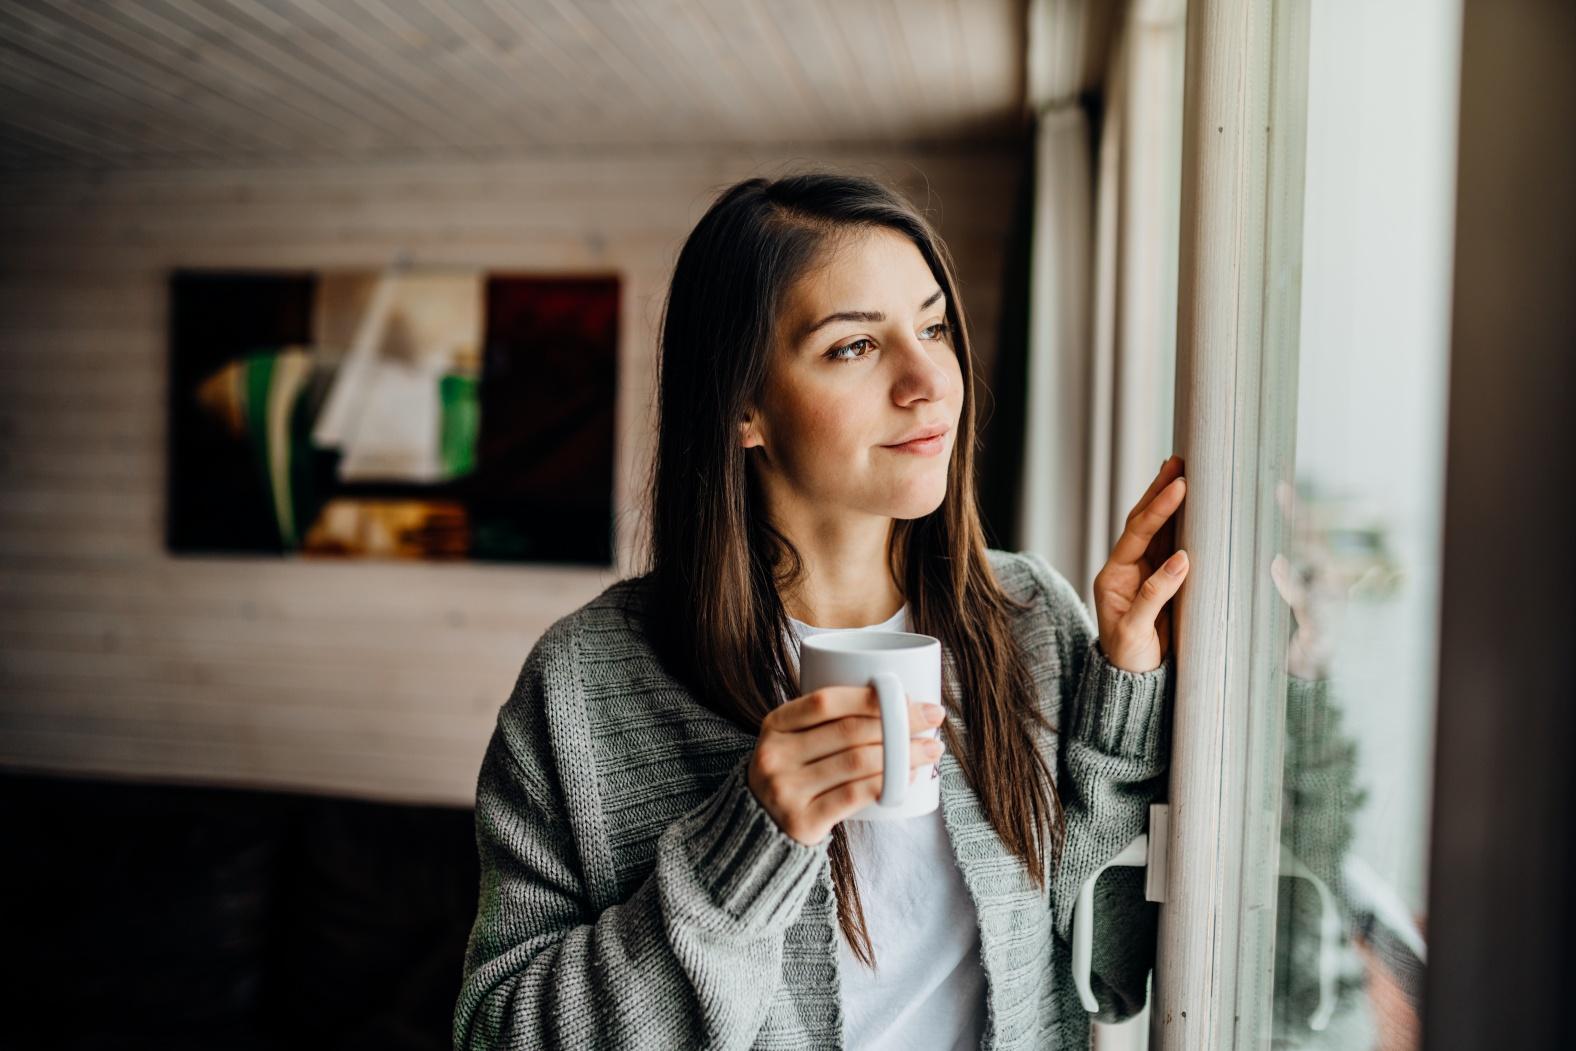 Mujer mira por la ventana durante el distanciamiento social